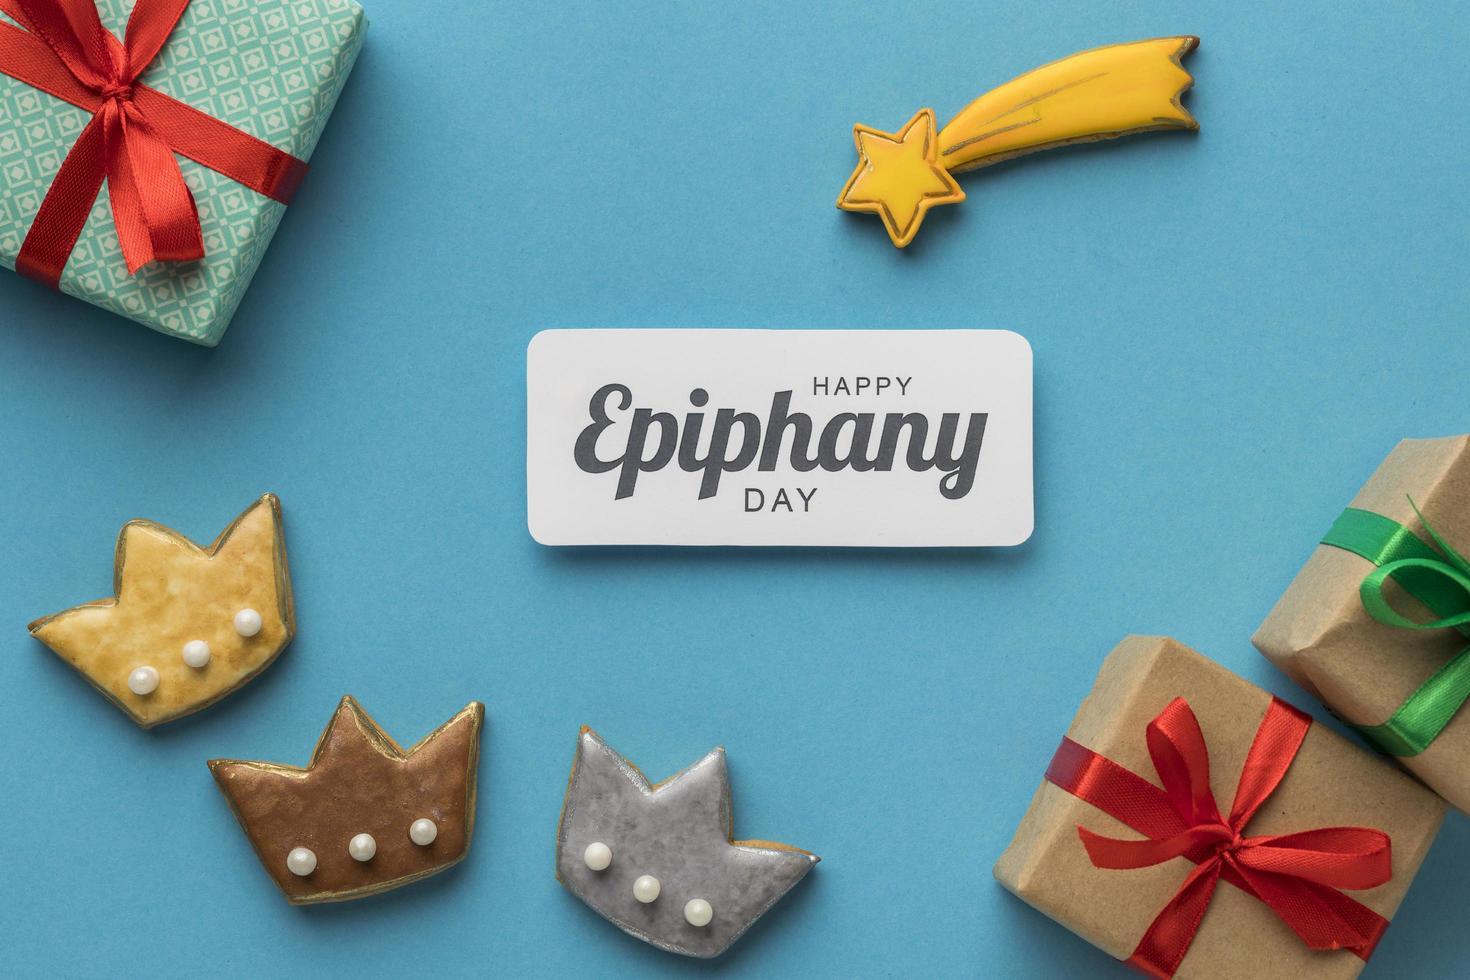 kakor och presenter till epiphany day foto